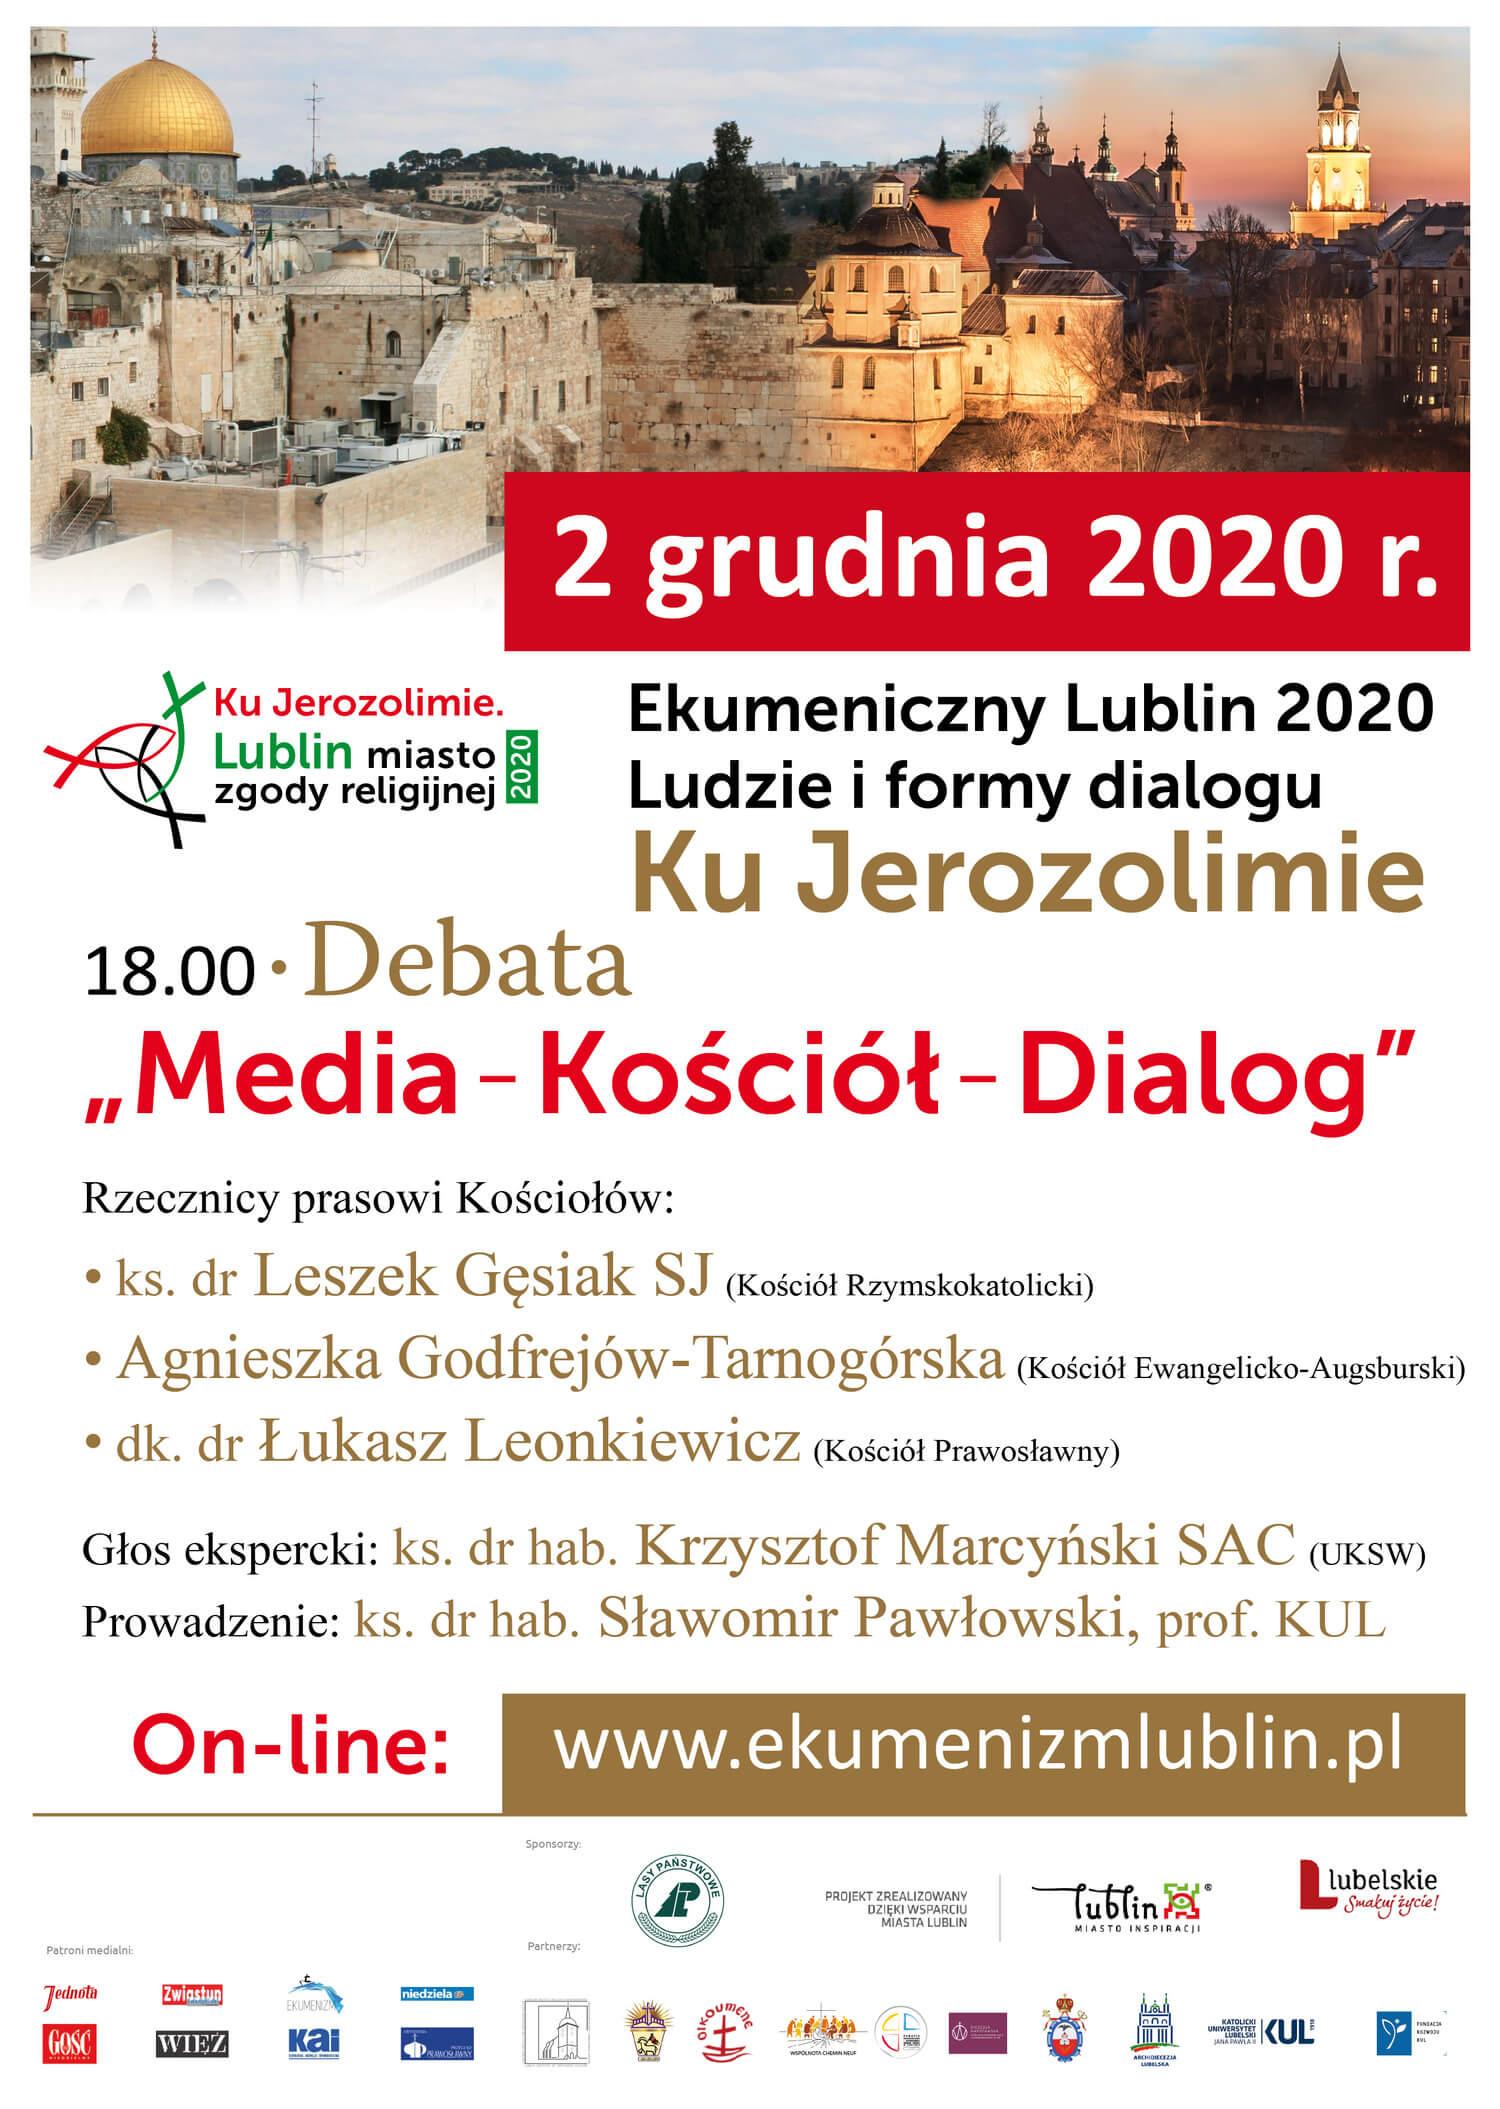 Ekumeniczny Lublin